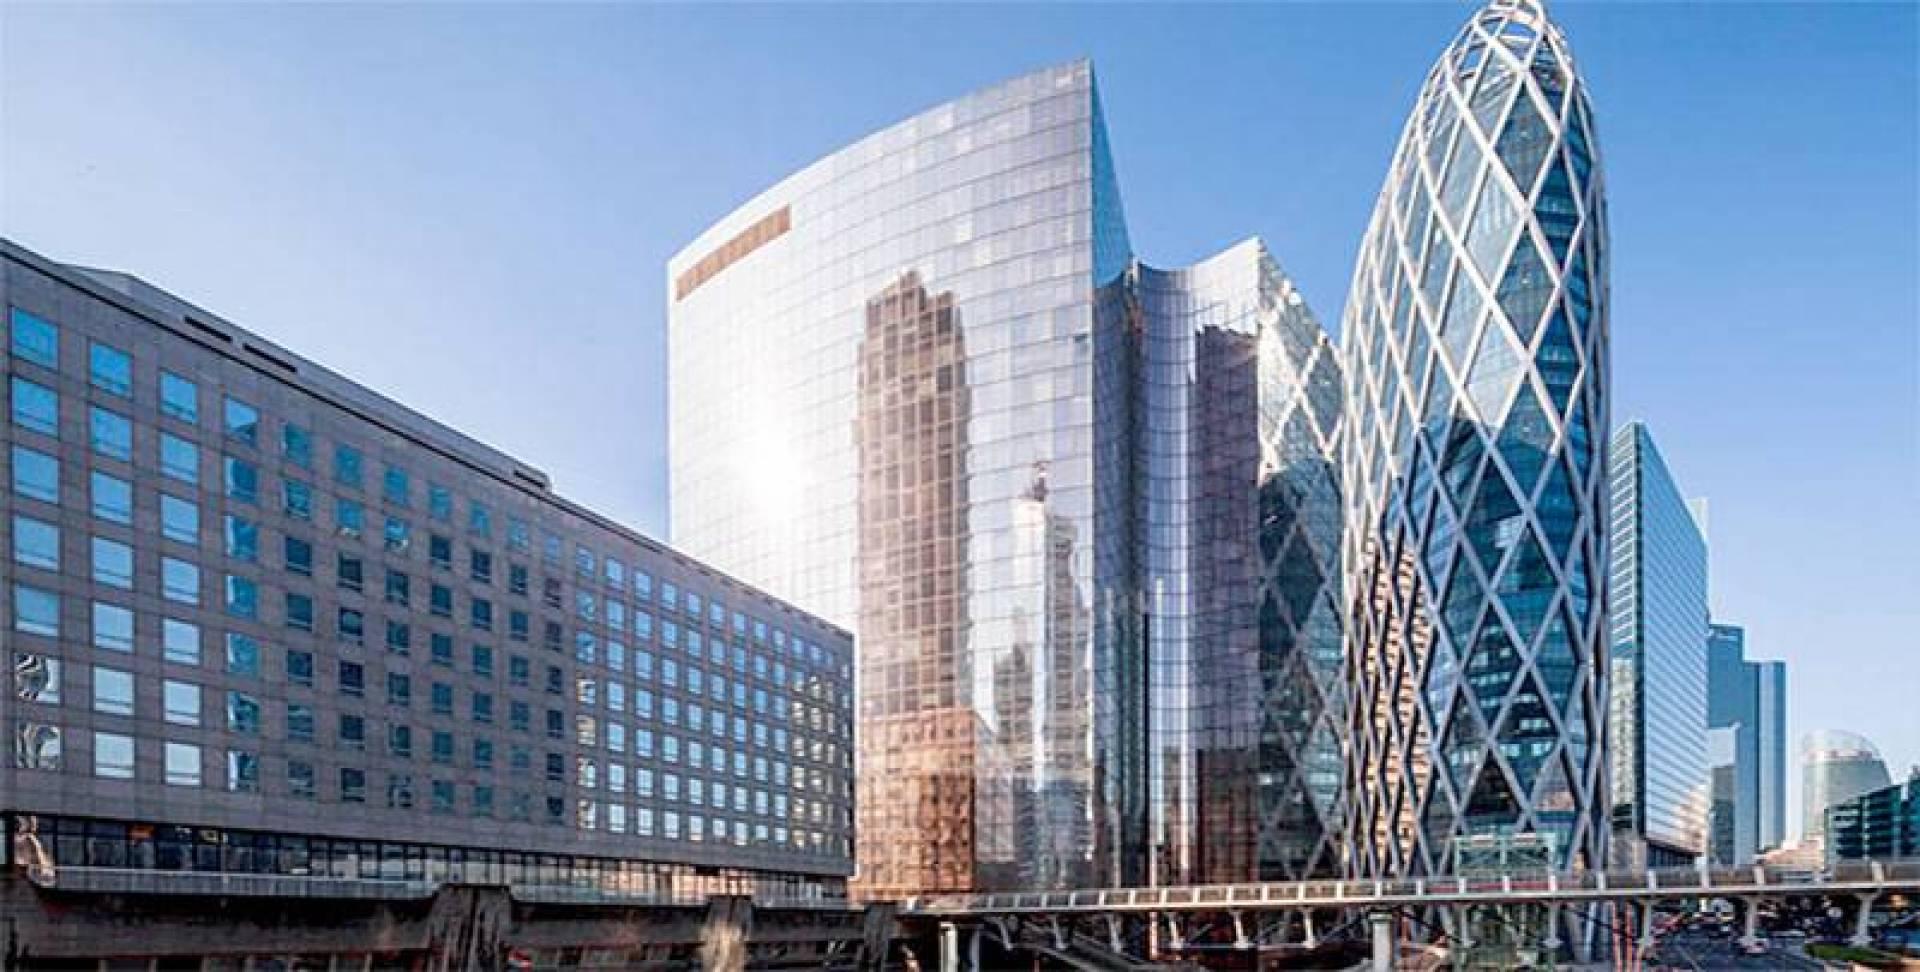 برج منهاتن الشهير تديره «هيئة الاستثمار» منذ 2019